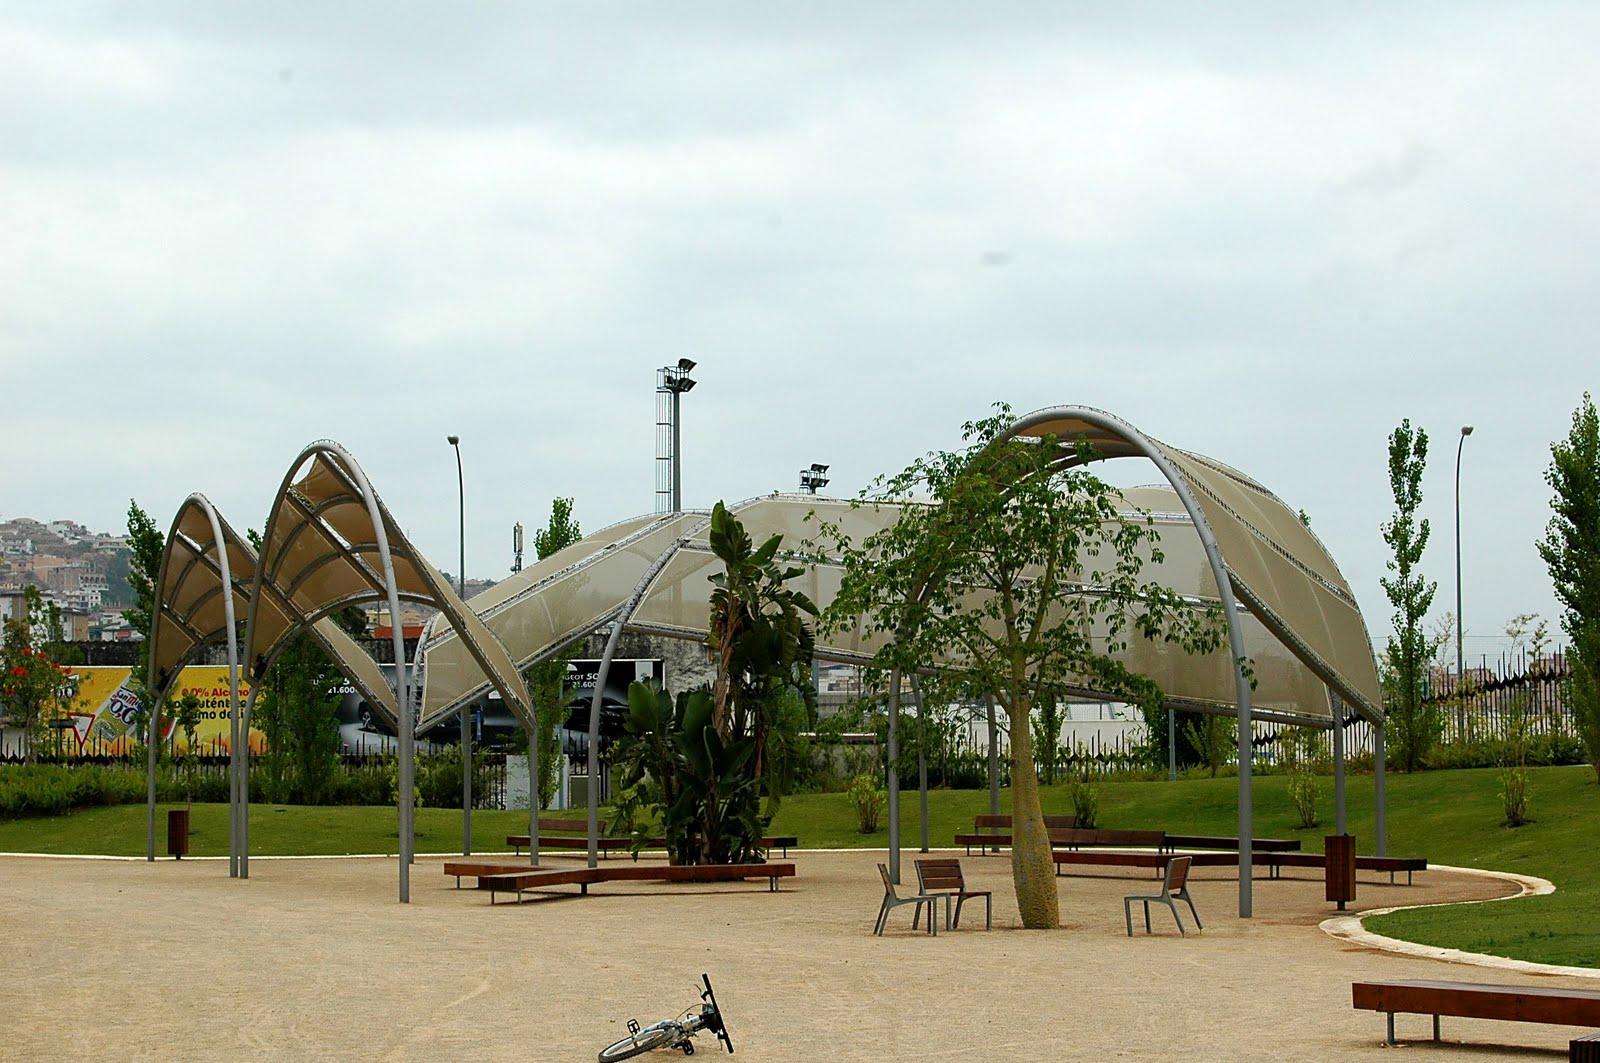 FLORACIONES EN MÁLAGA Y MÁS: Parque de la Alegría de ... - photo#8